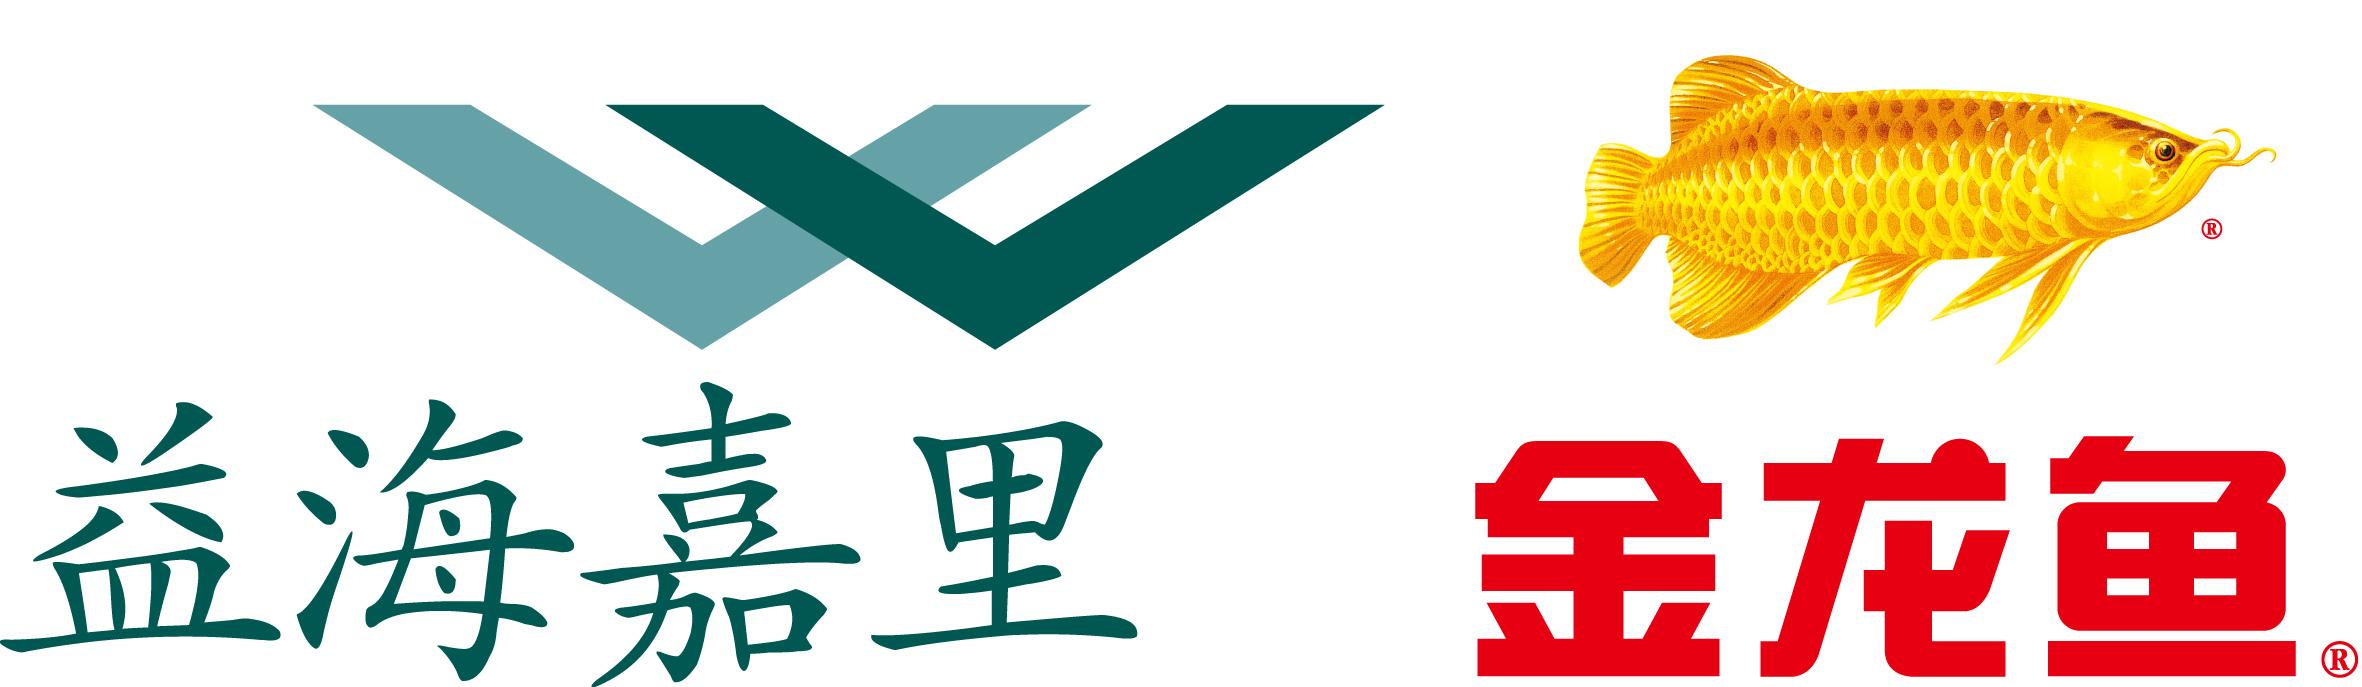 益海嘉里(哈尔滨)粮油食品工业有限公司